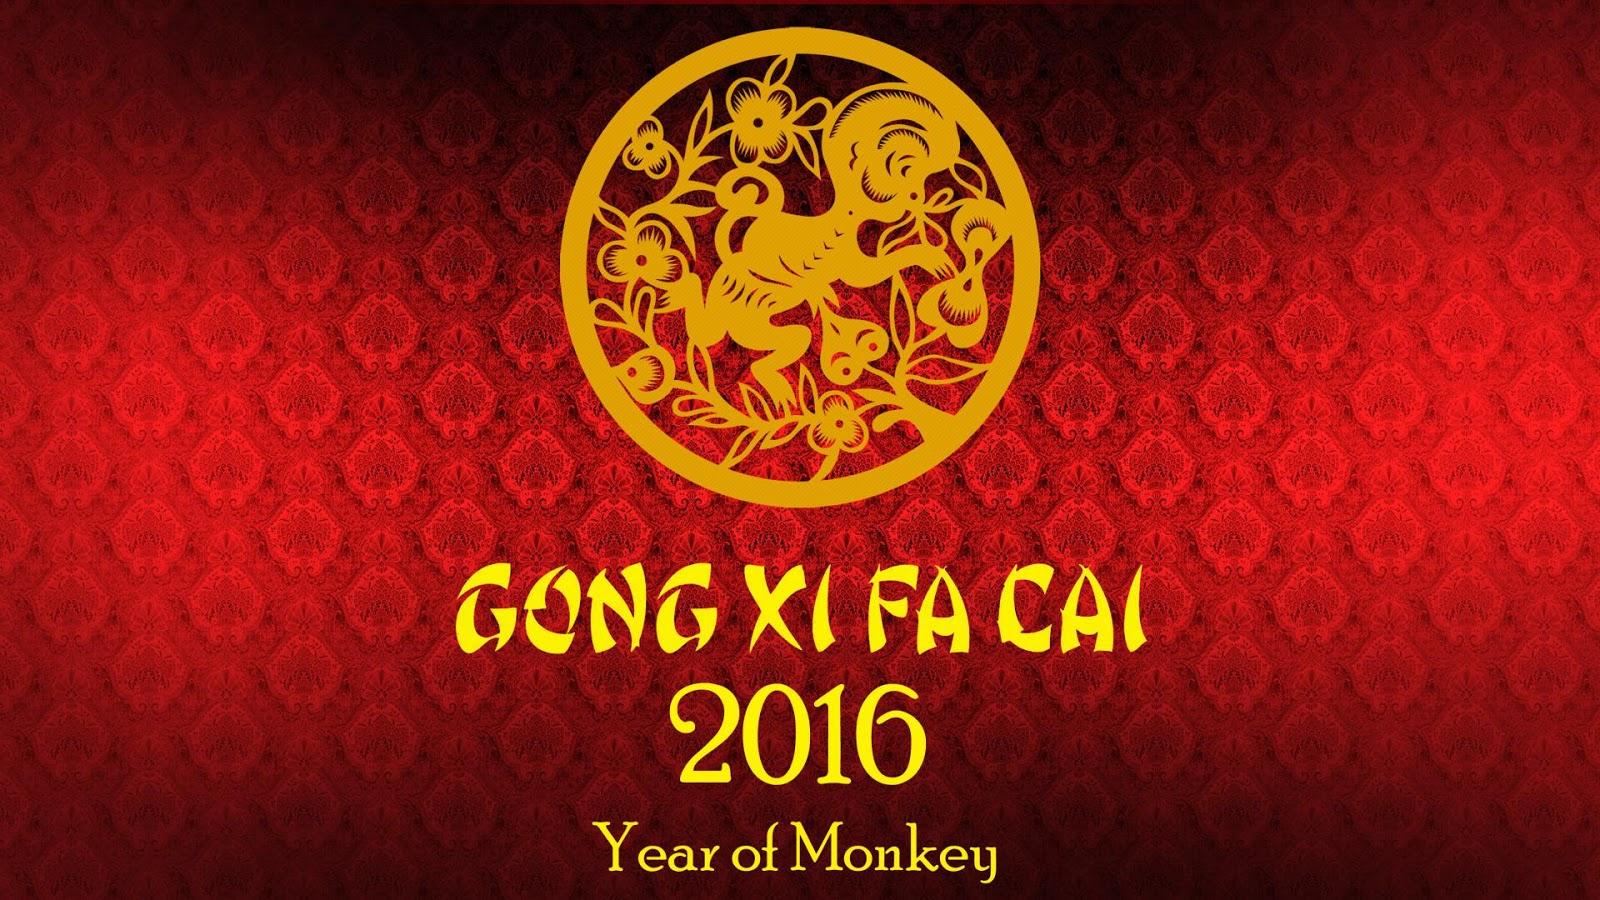 Kumpulan Kata Kata Mutiara dan Gambar DP BBM Ucapan Selamat Imlek Gong Xi Fa Cai 2016